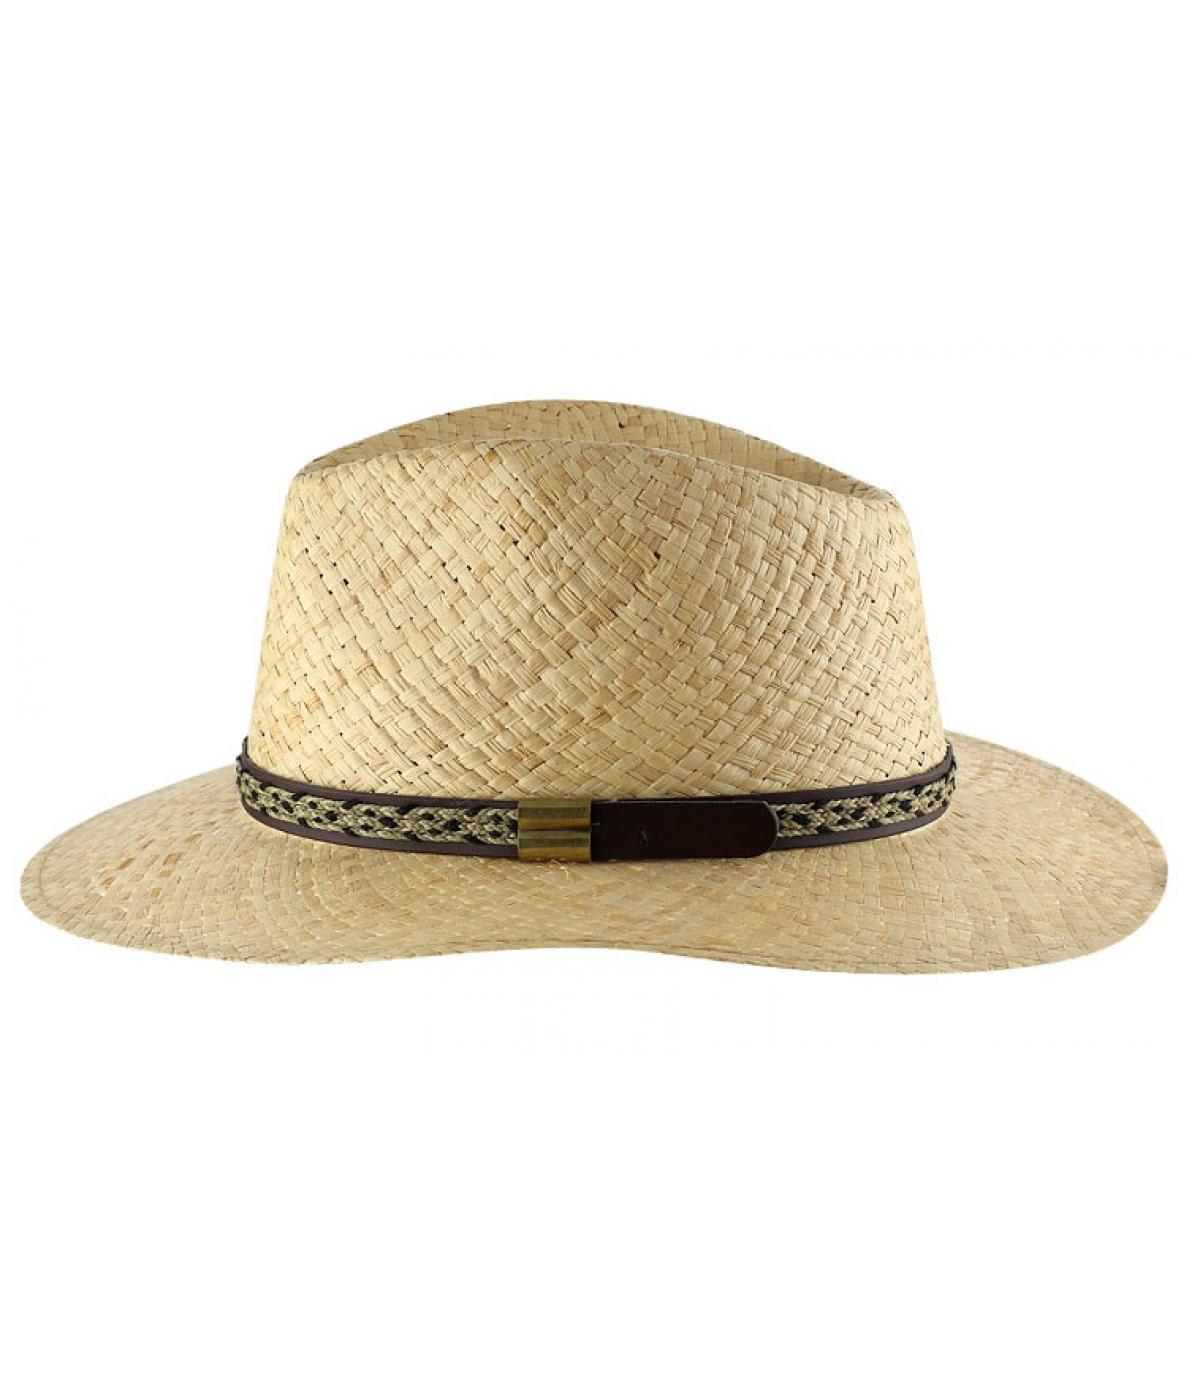 Natural straw hat for men